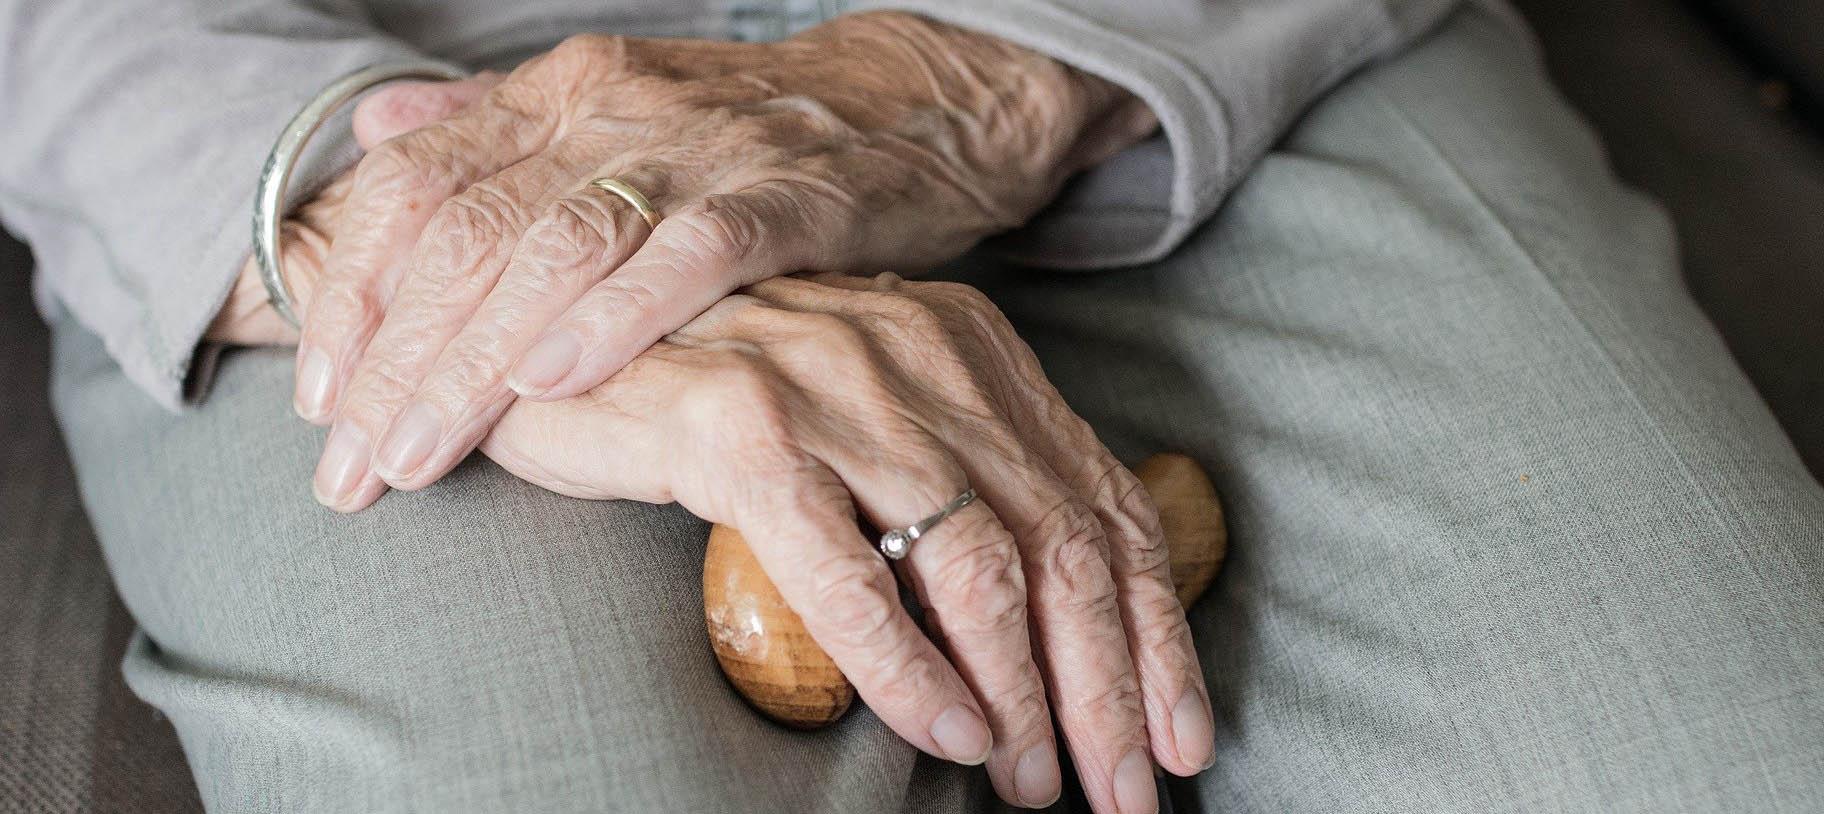 Eran personas atendidas en los Servicios Asistenciales para Ancianos. Foto NG